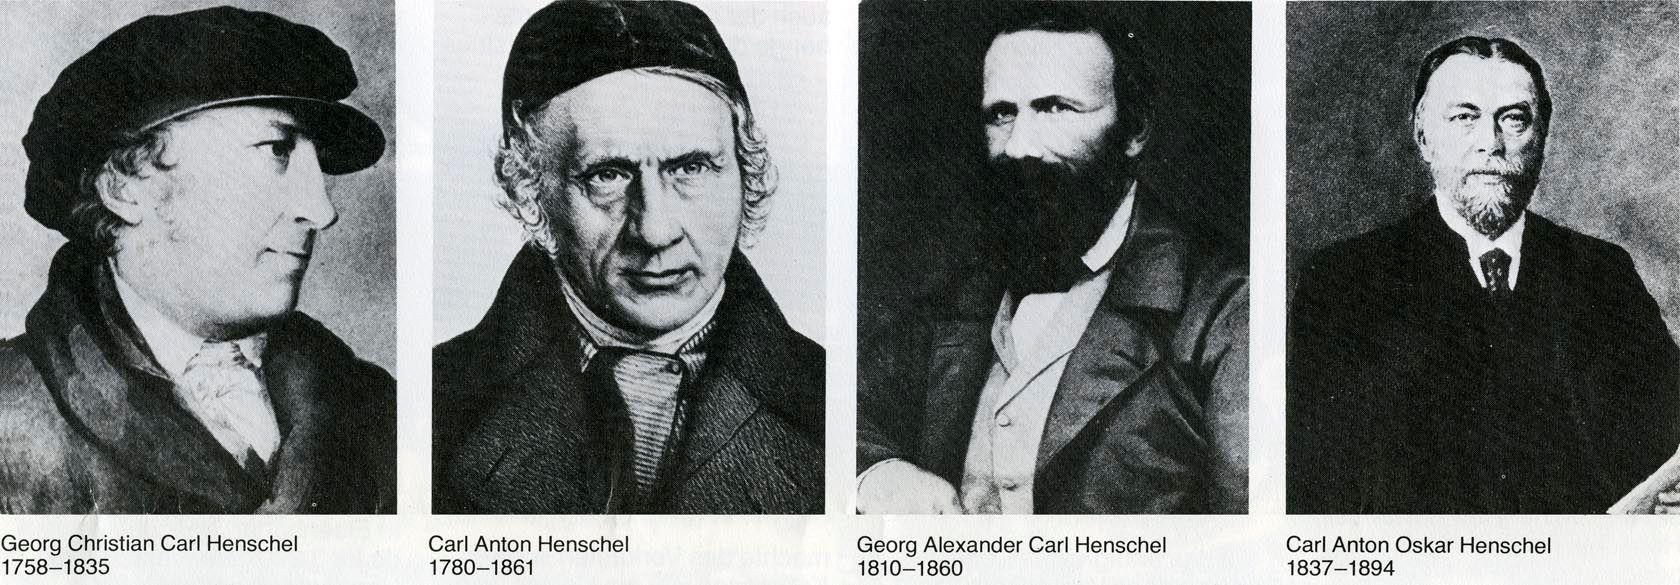 History Henschel